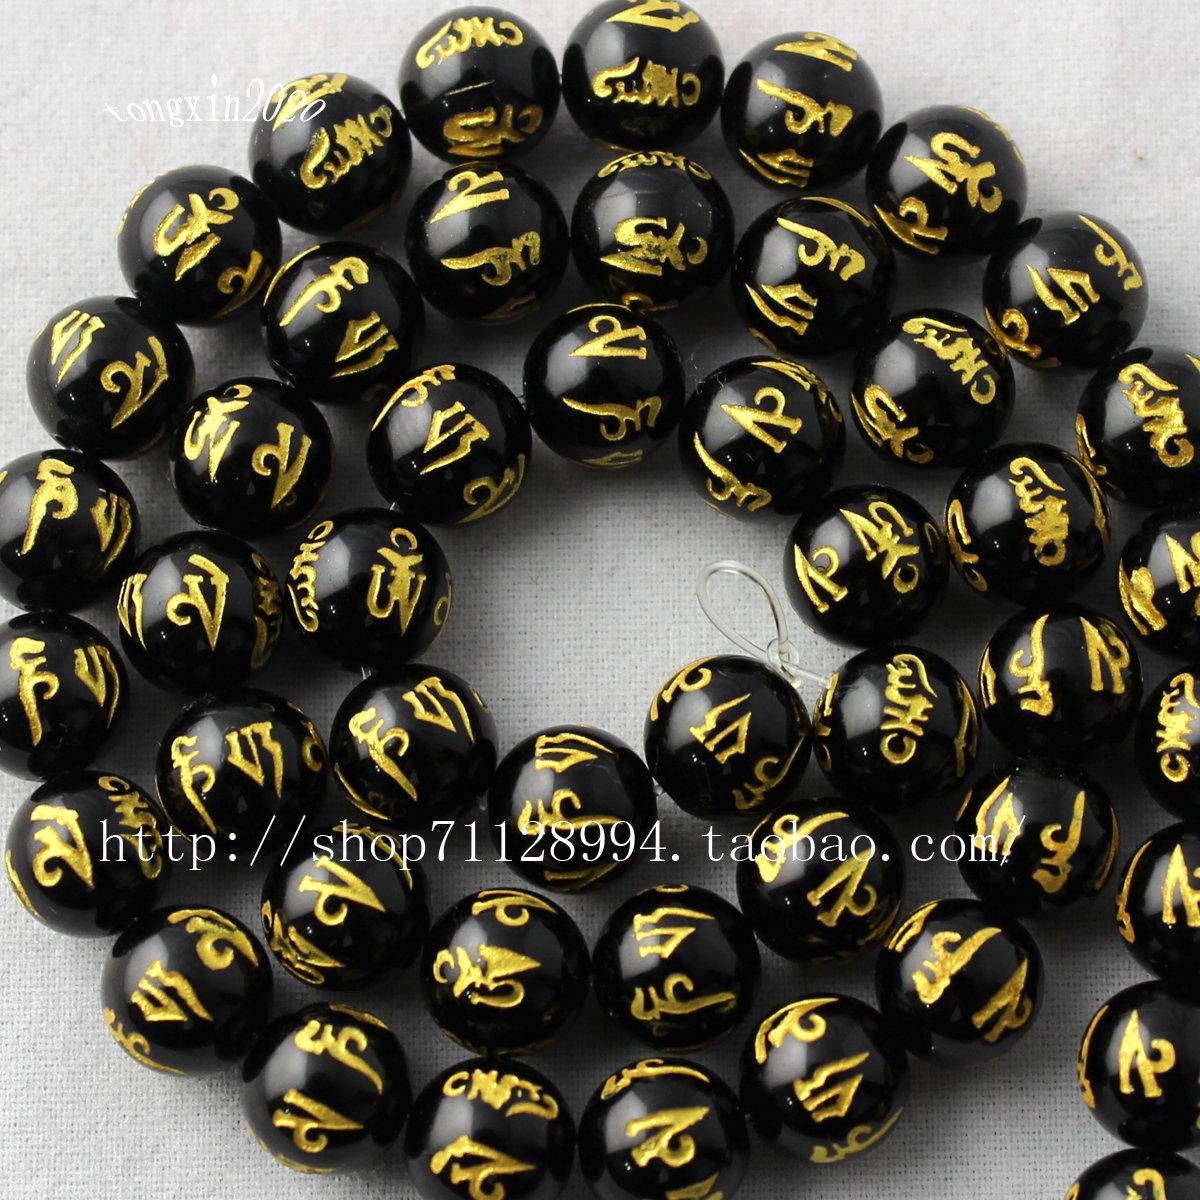 diy手链项链串珠材料黑色雕刻六字真言散珠天然子玛瑙lgg3nfc图片